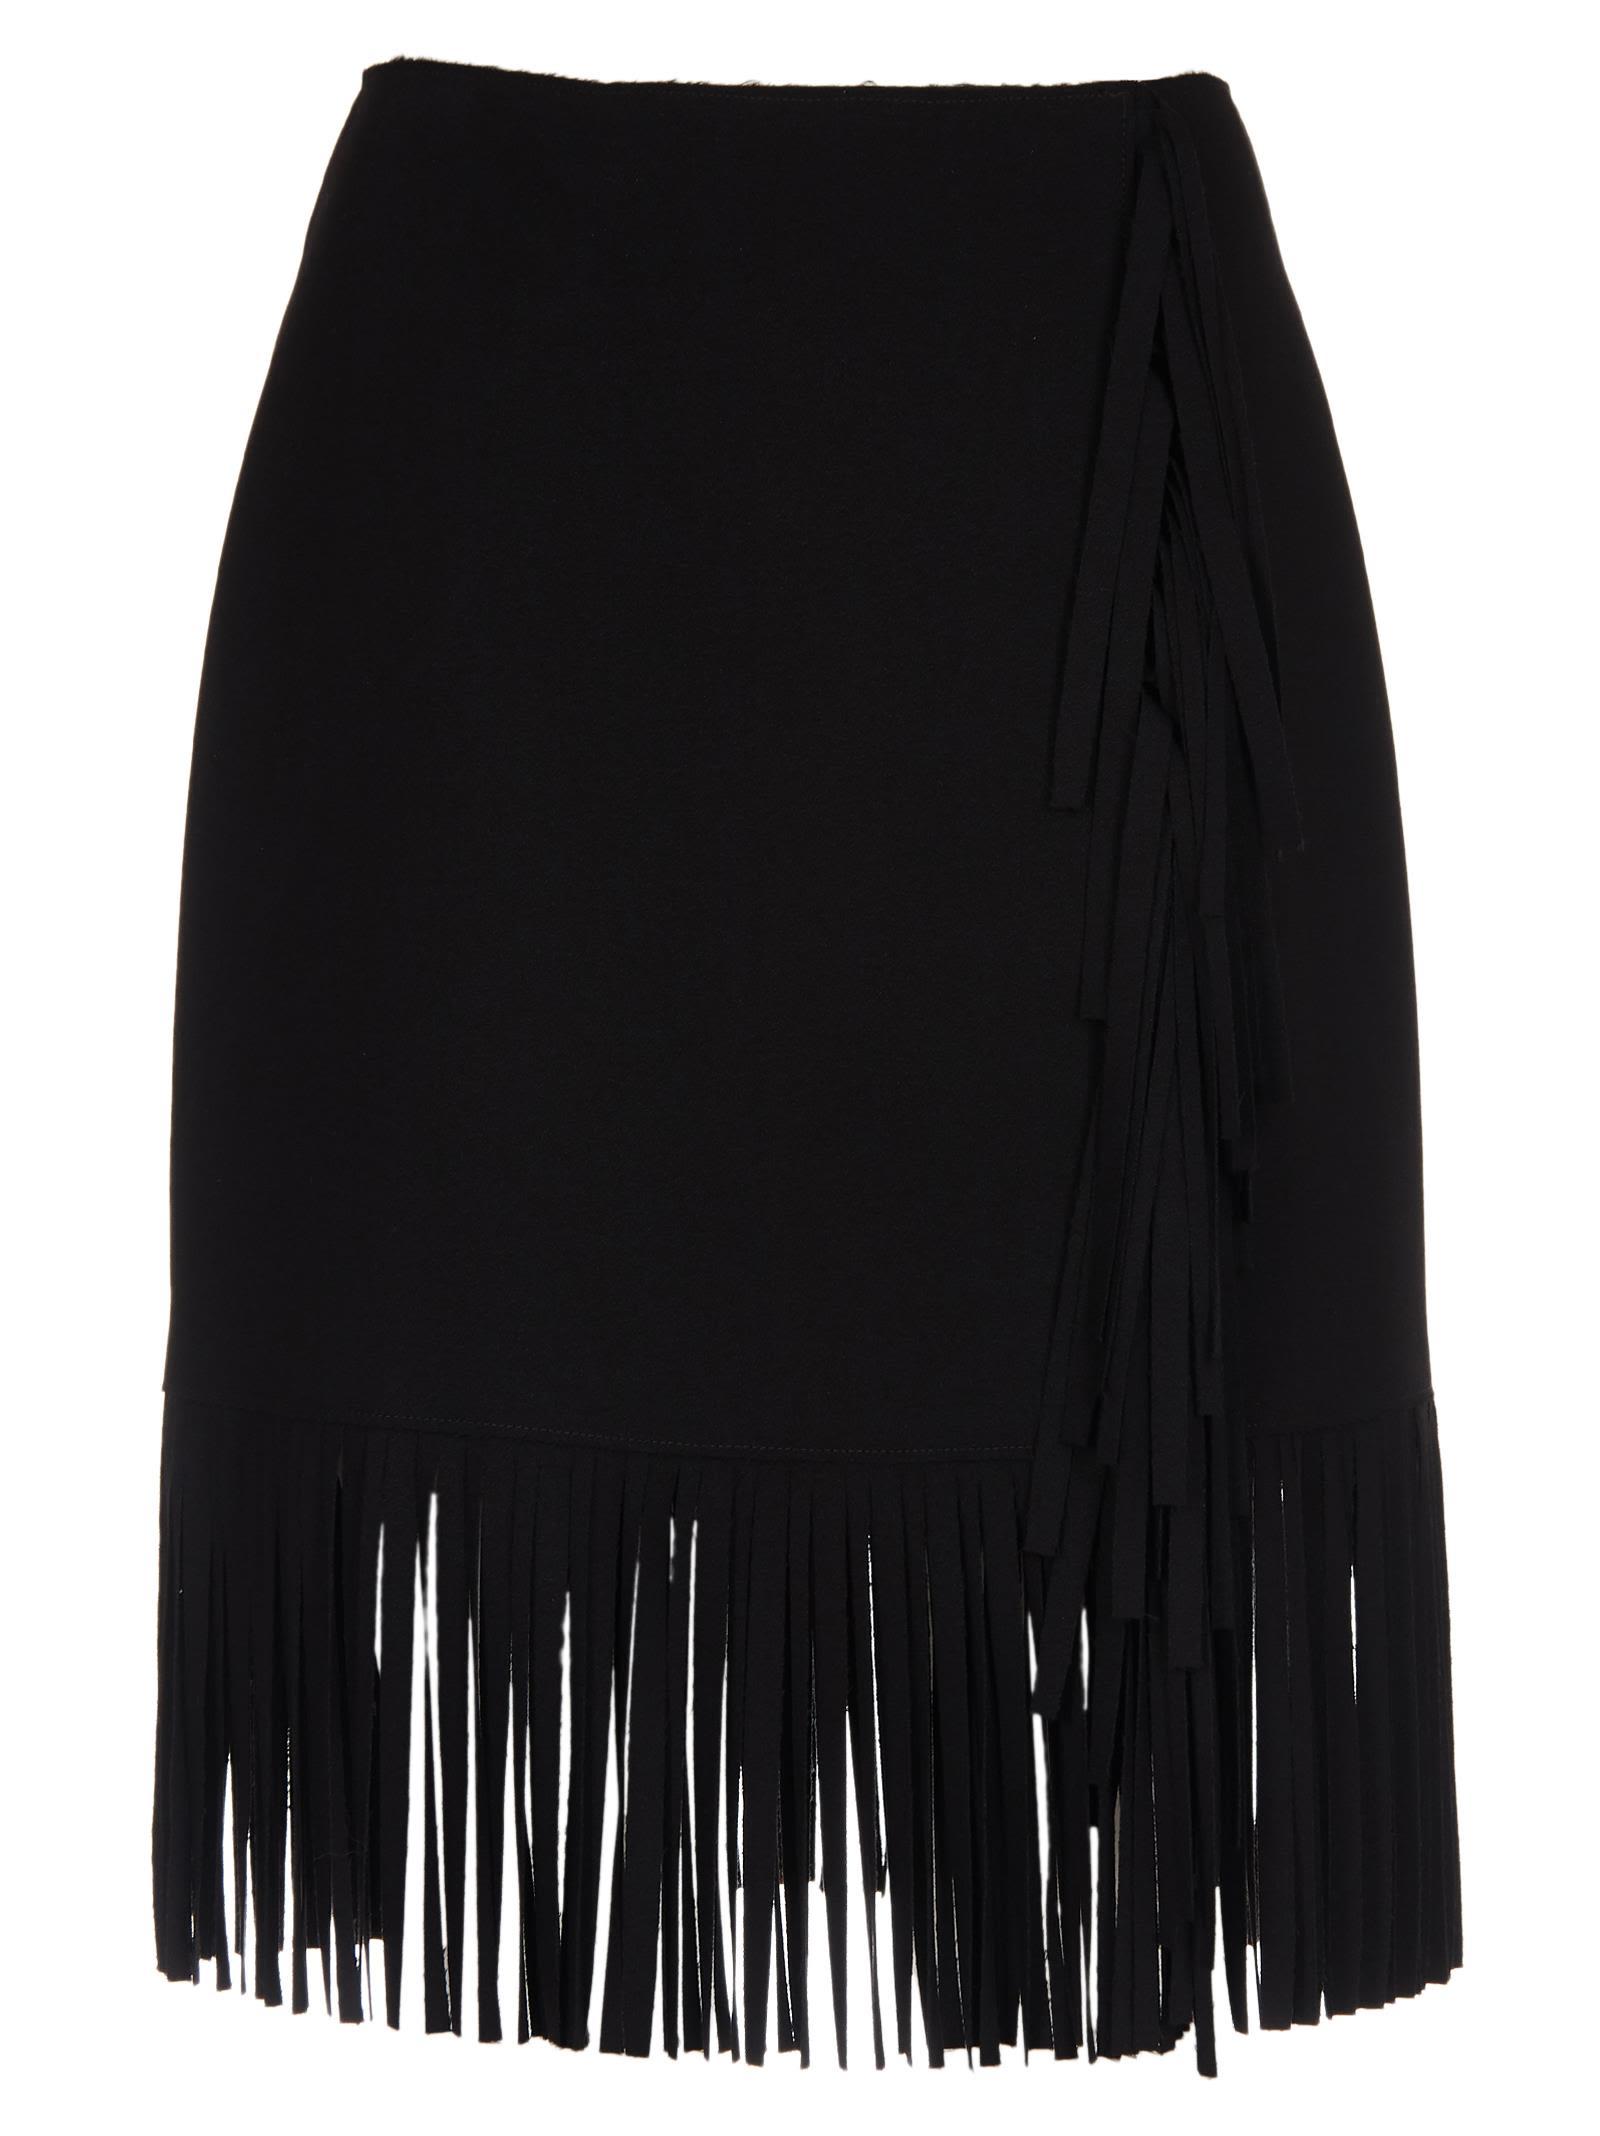 Msgm Short Fringed Skirt